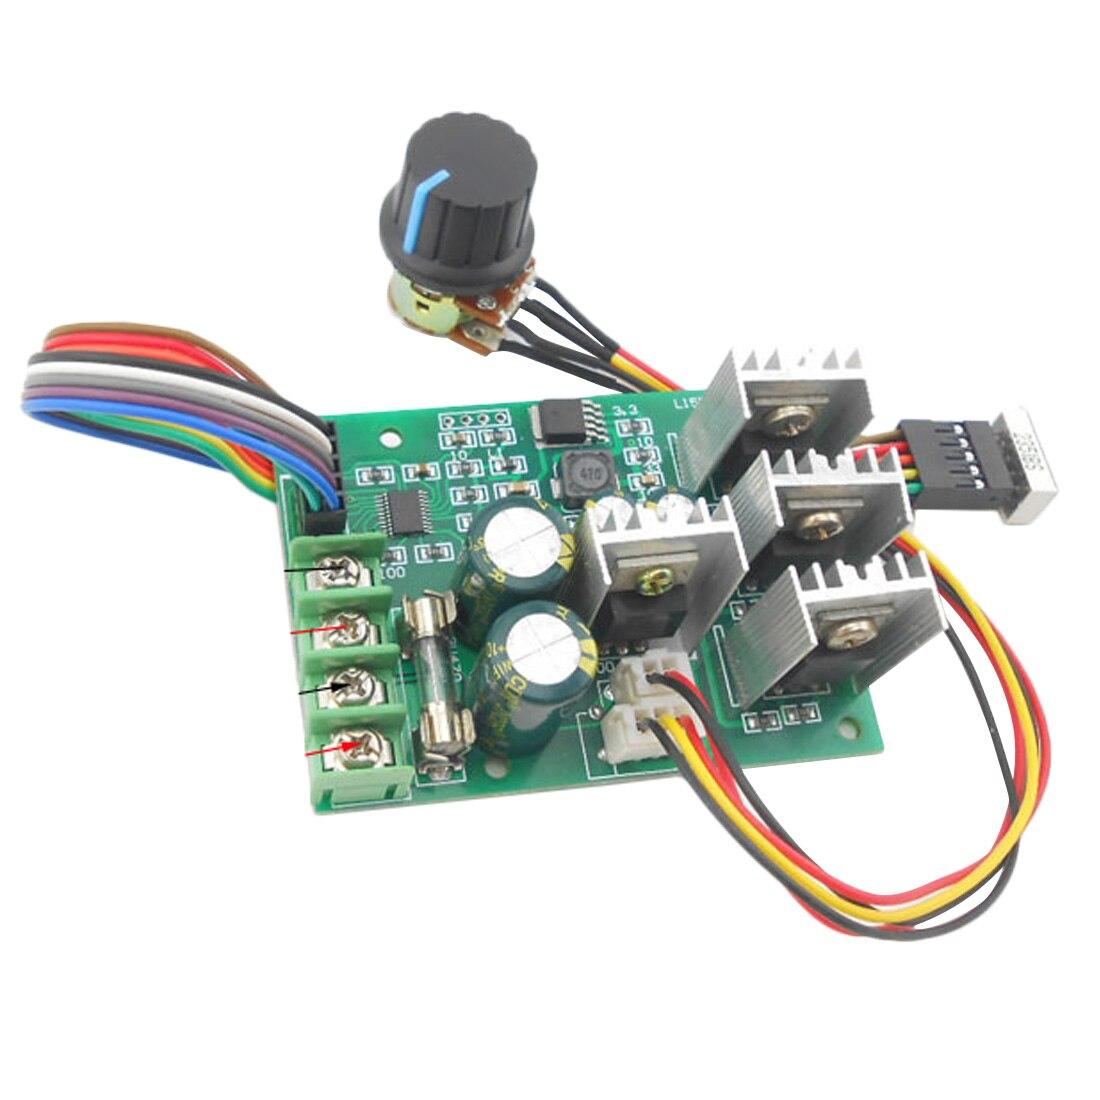 DC Digital Display Tachometer  Motor Speed Governor 12V24V36V Current Regulator Electrodeless ActuatorDC Digital Display Tachometer  Motor Speed Governor 12V24V36V Current Regulator Electrodeless Actuator